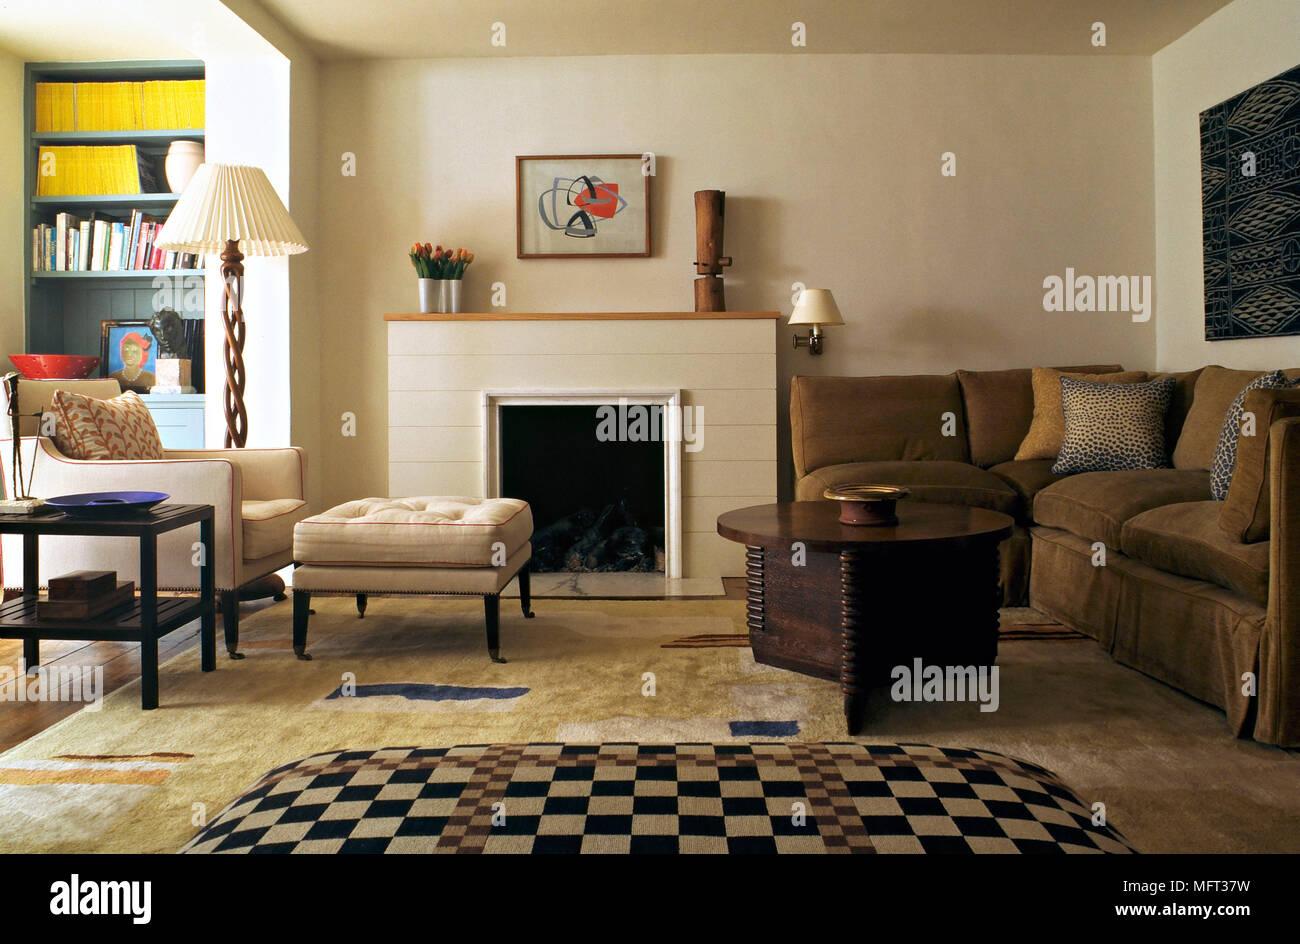 Wohnzimmer Möbel Retro | Wohnzimmer Einrichten Einrichtung ...